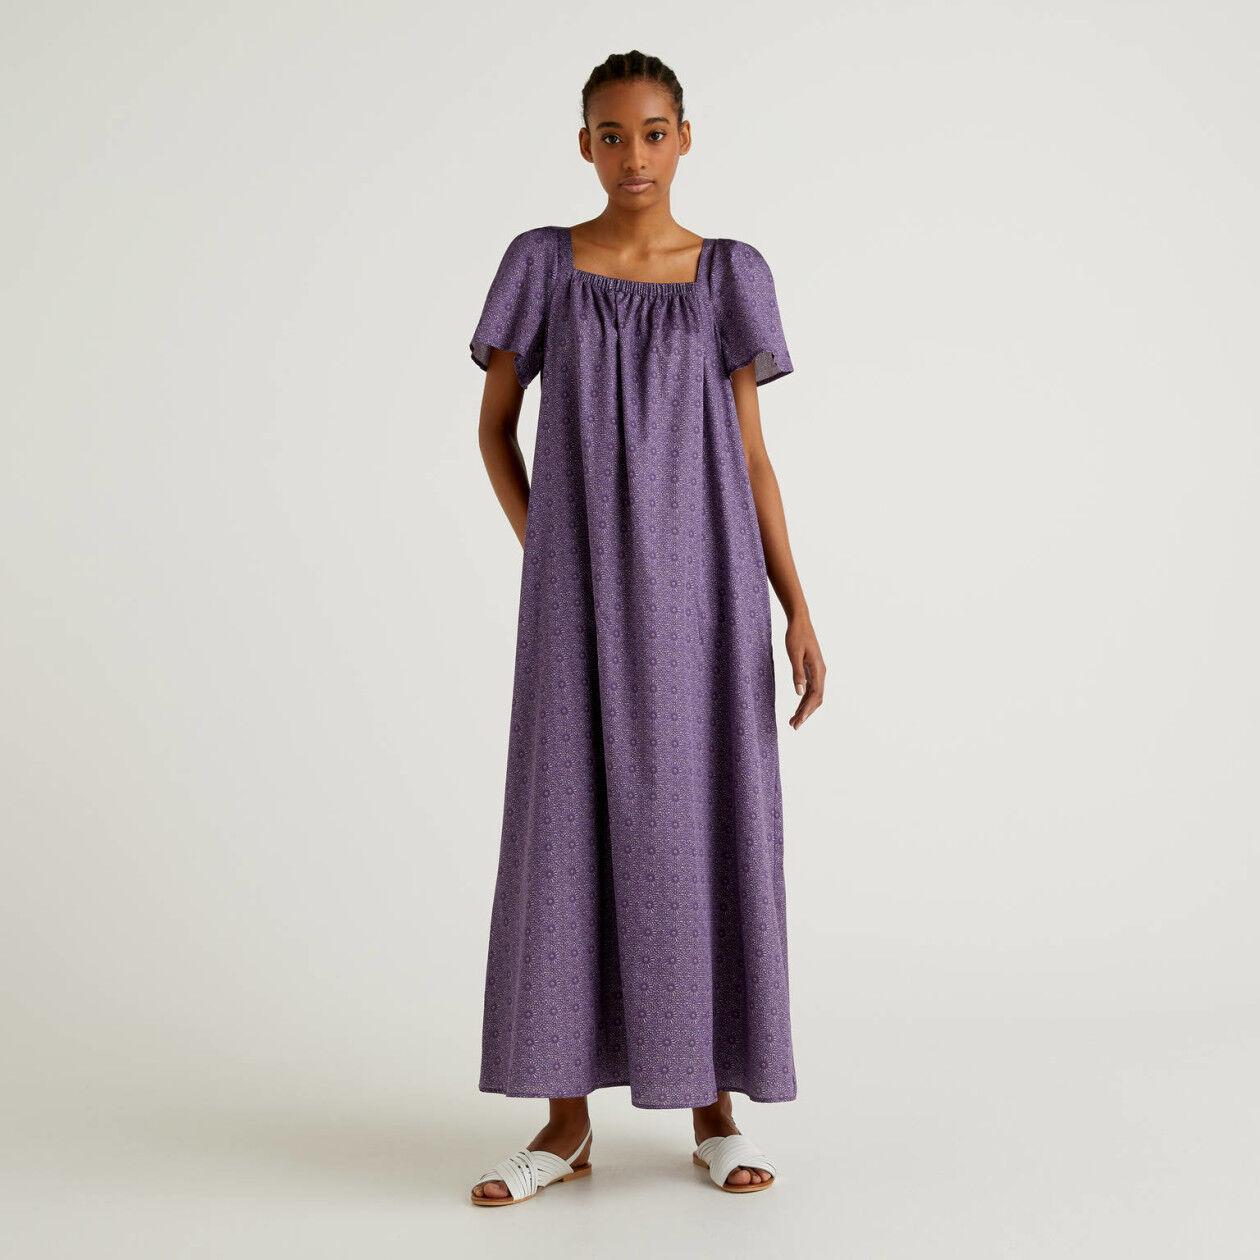 Vestido comprido em algodão estampado